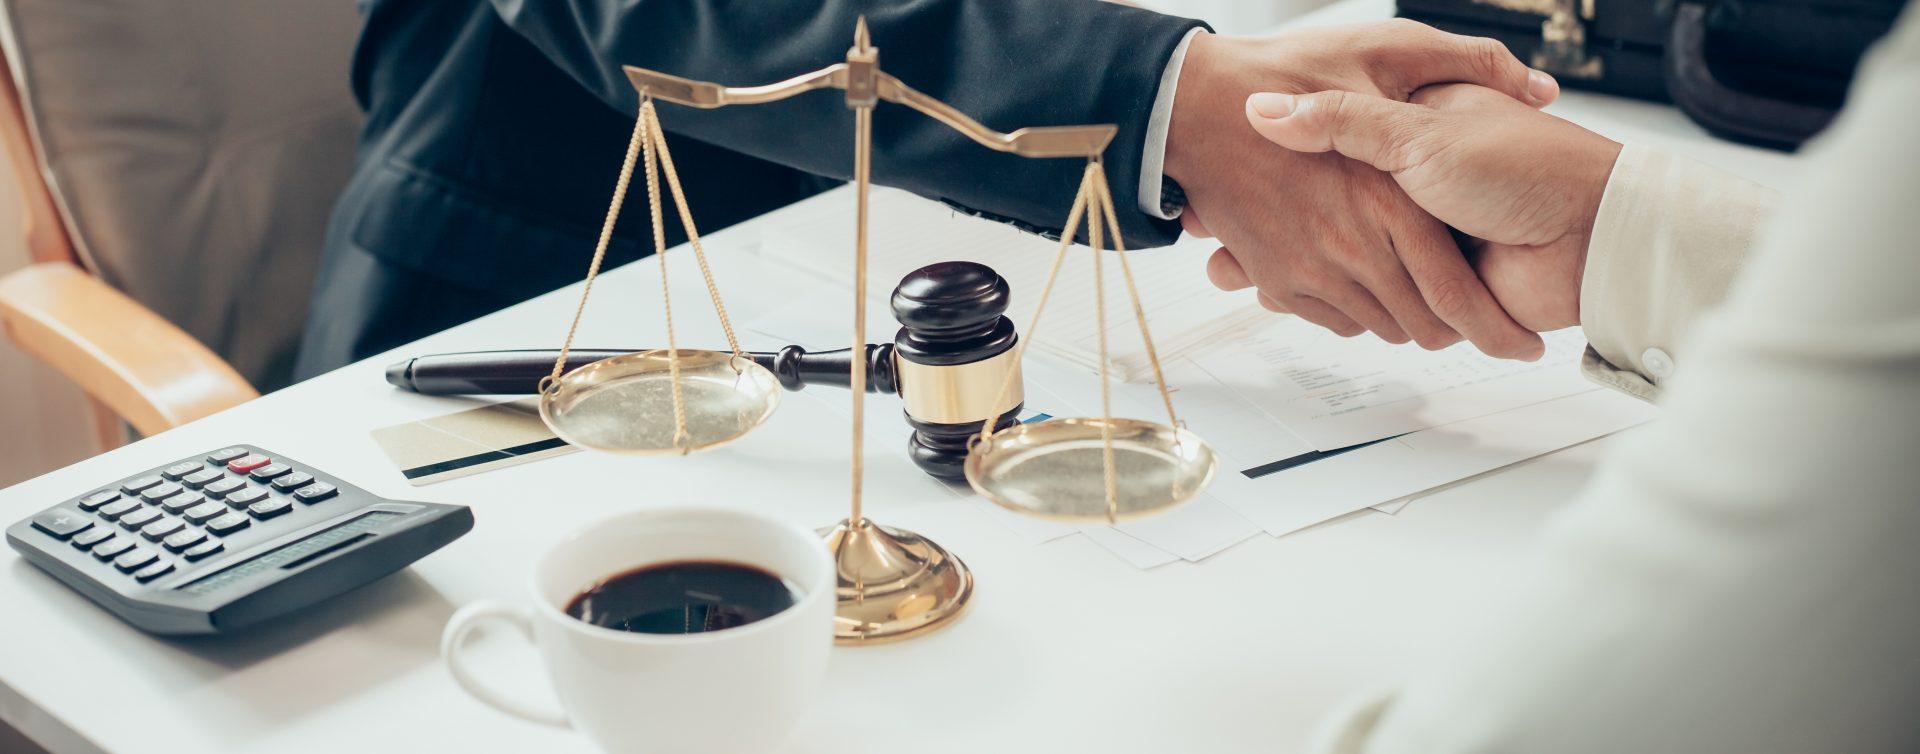 consultanta juridica online pret bucuresti